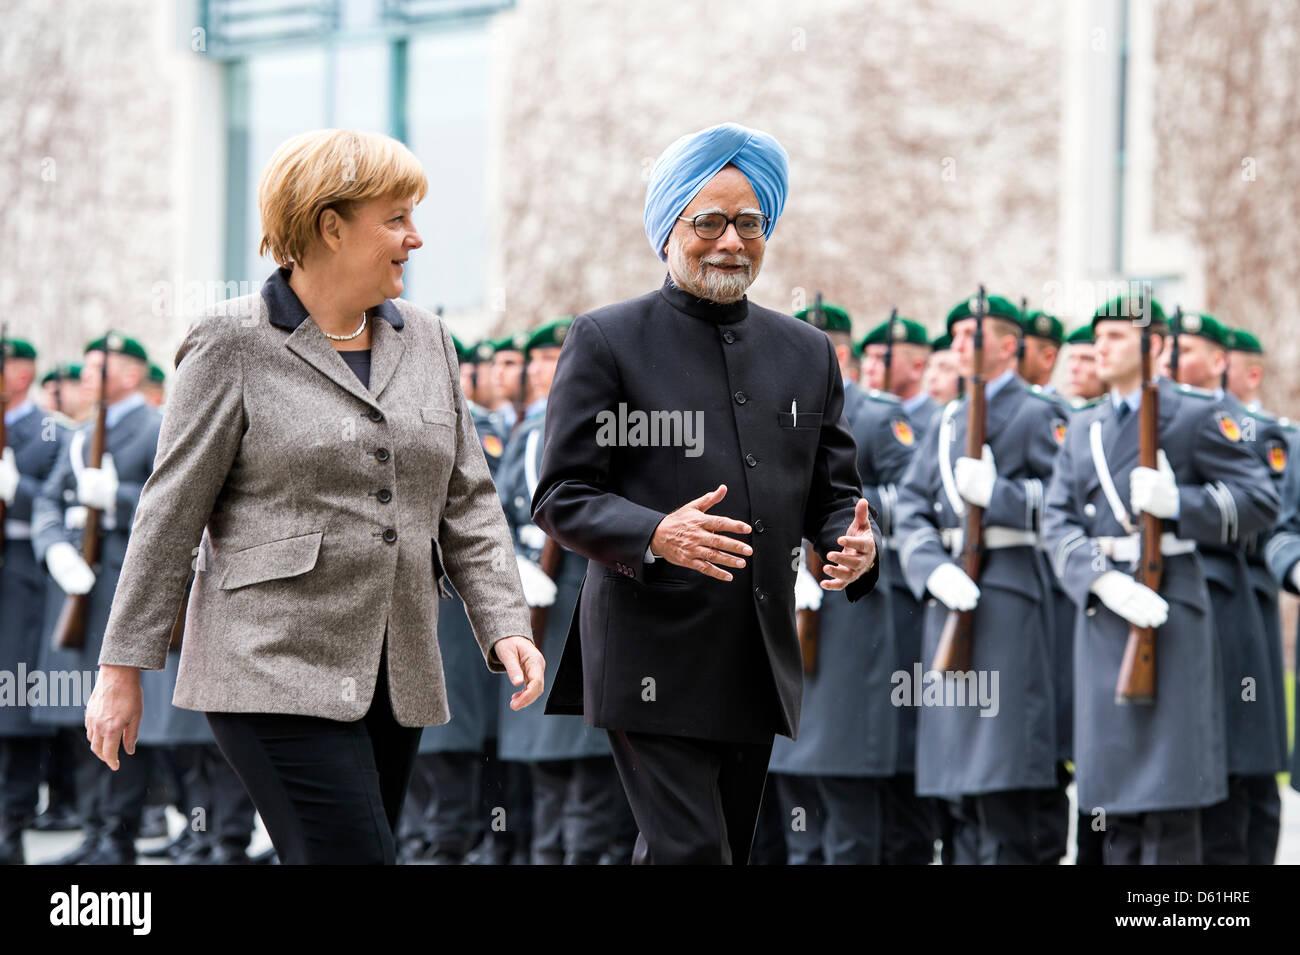 Berlin, Germany.11th April 2013.German Bundeskanzlerin Angela Merkel begrüßt die Premierminister von Indien, Stockbild